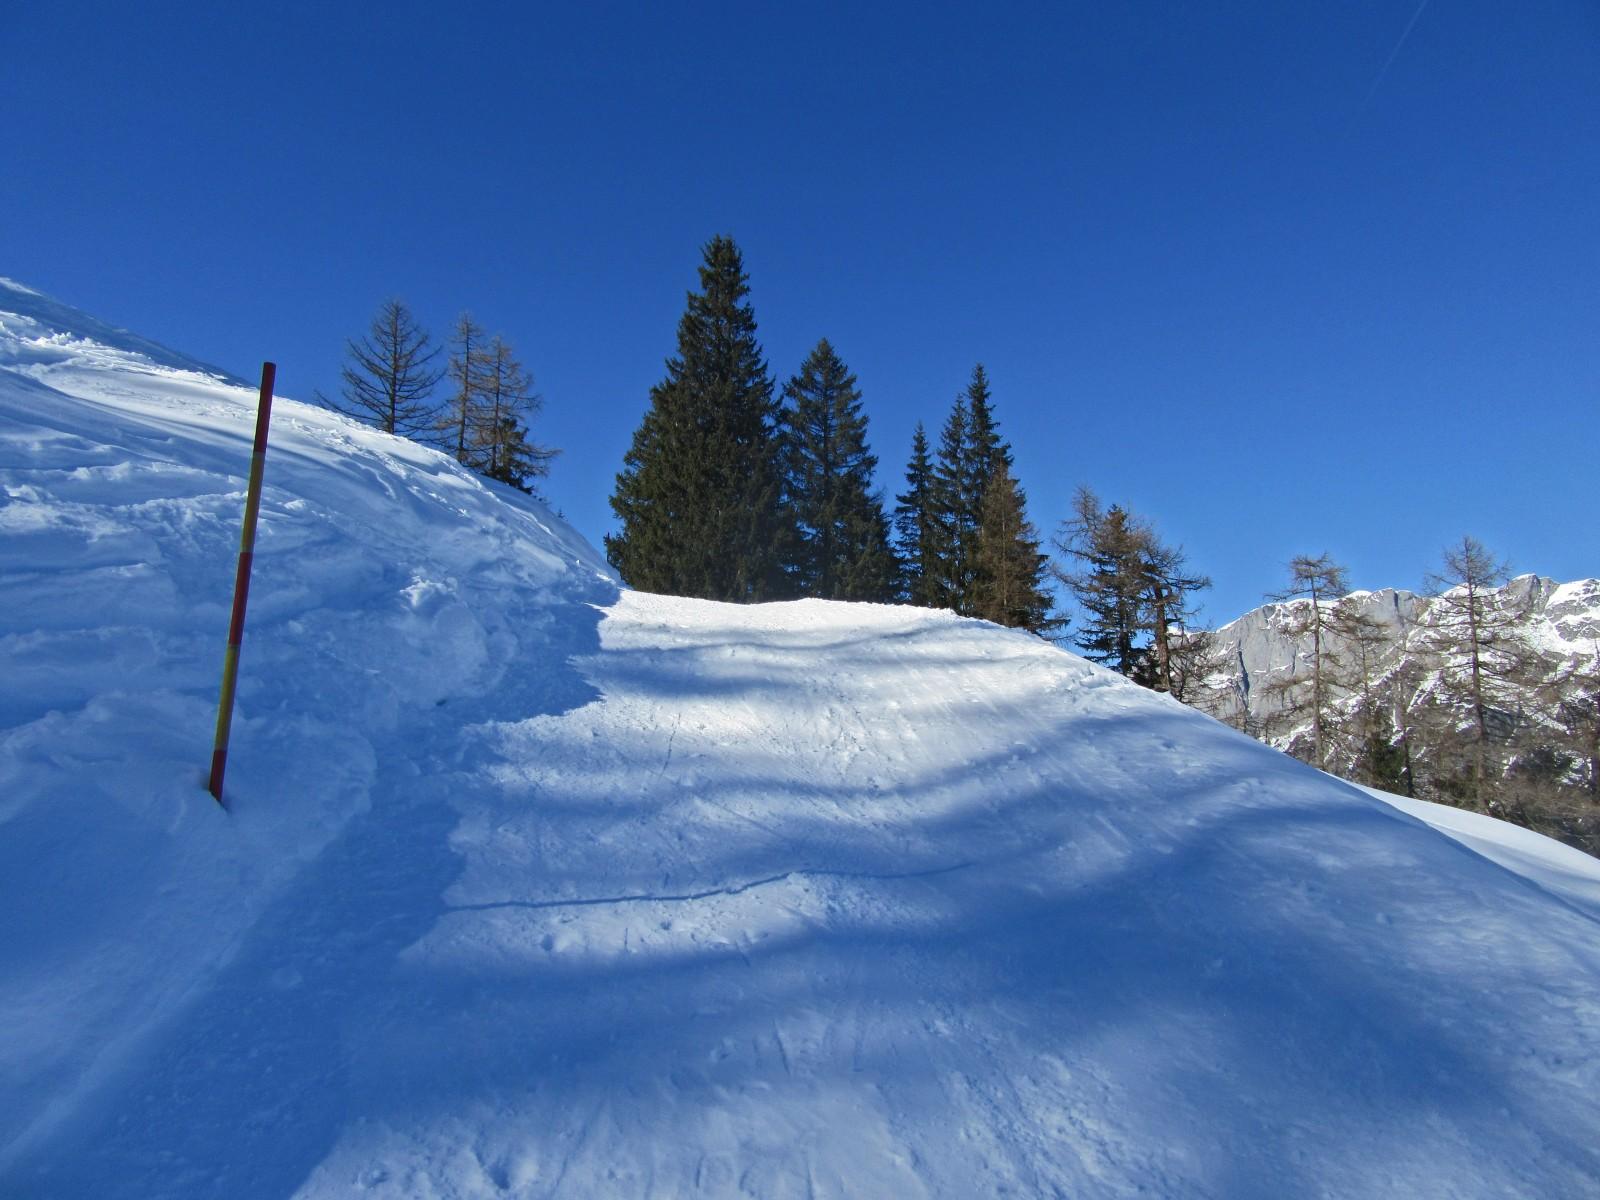 Anstieg und Abfahrt sind präpariert und daher auch für viele Wintersportler gut machbar.